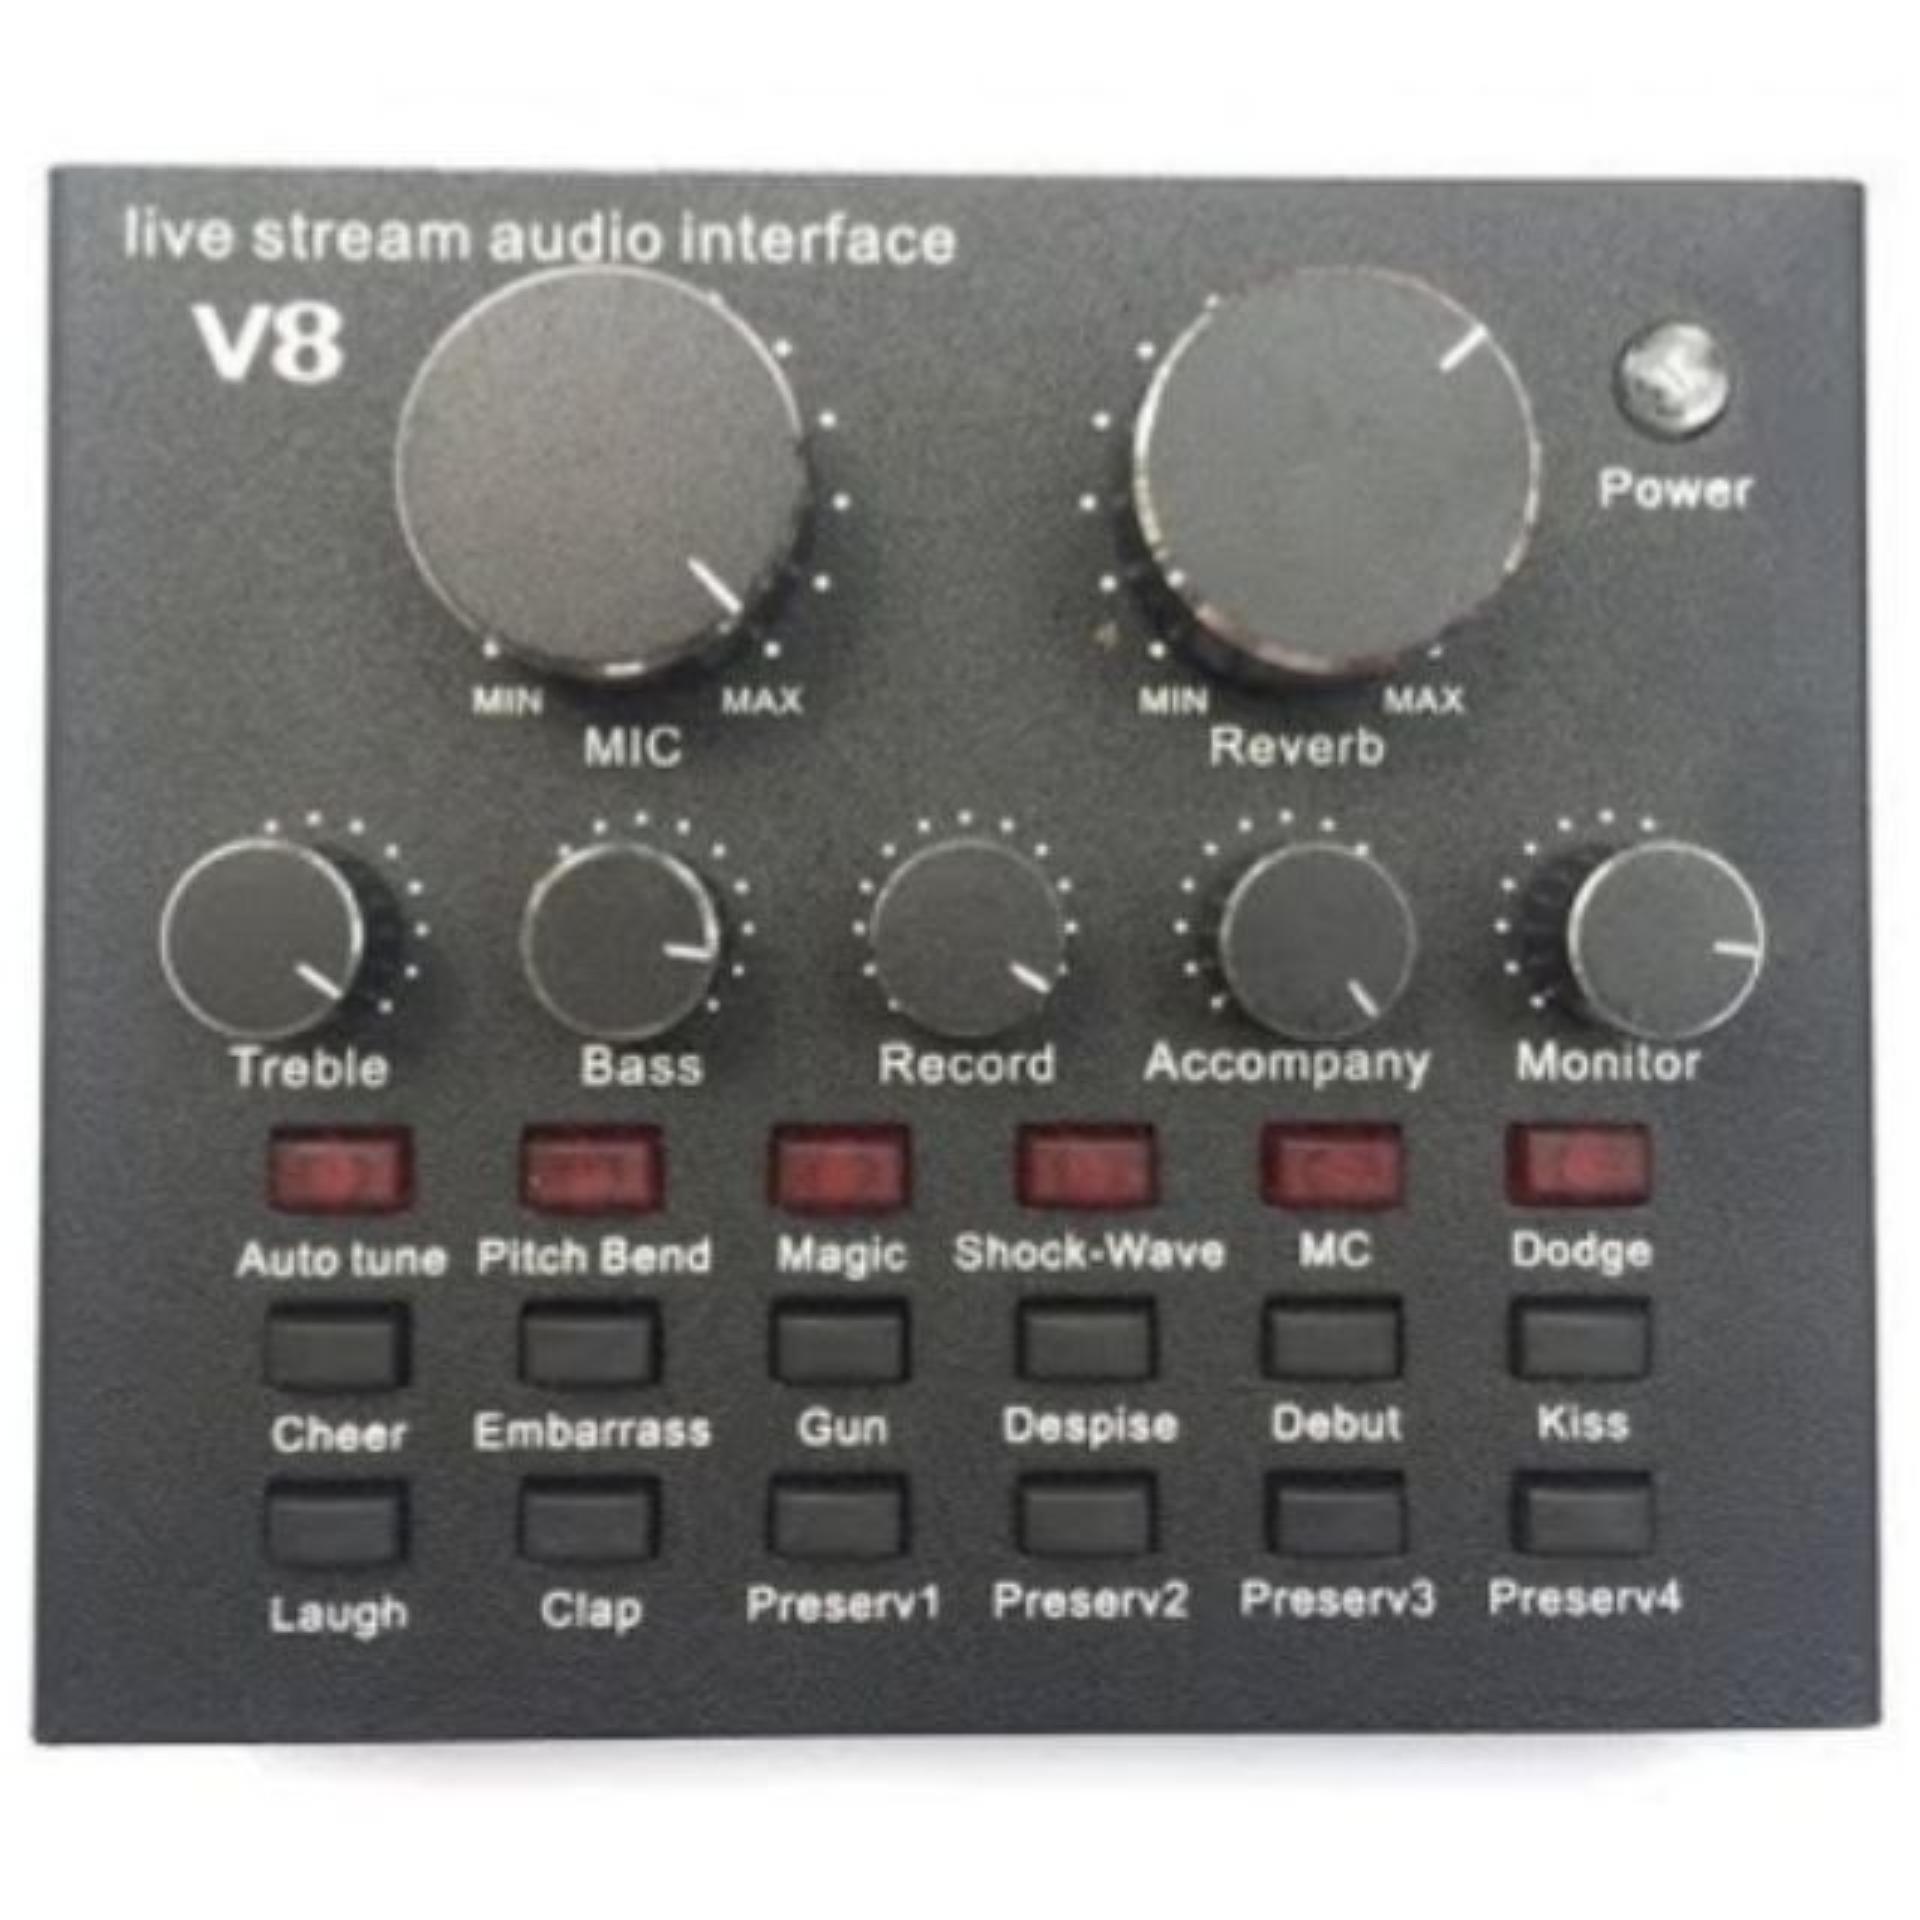 card thu âm livestream V8 có autotune có pin ở trong